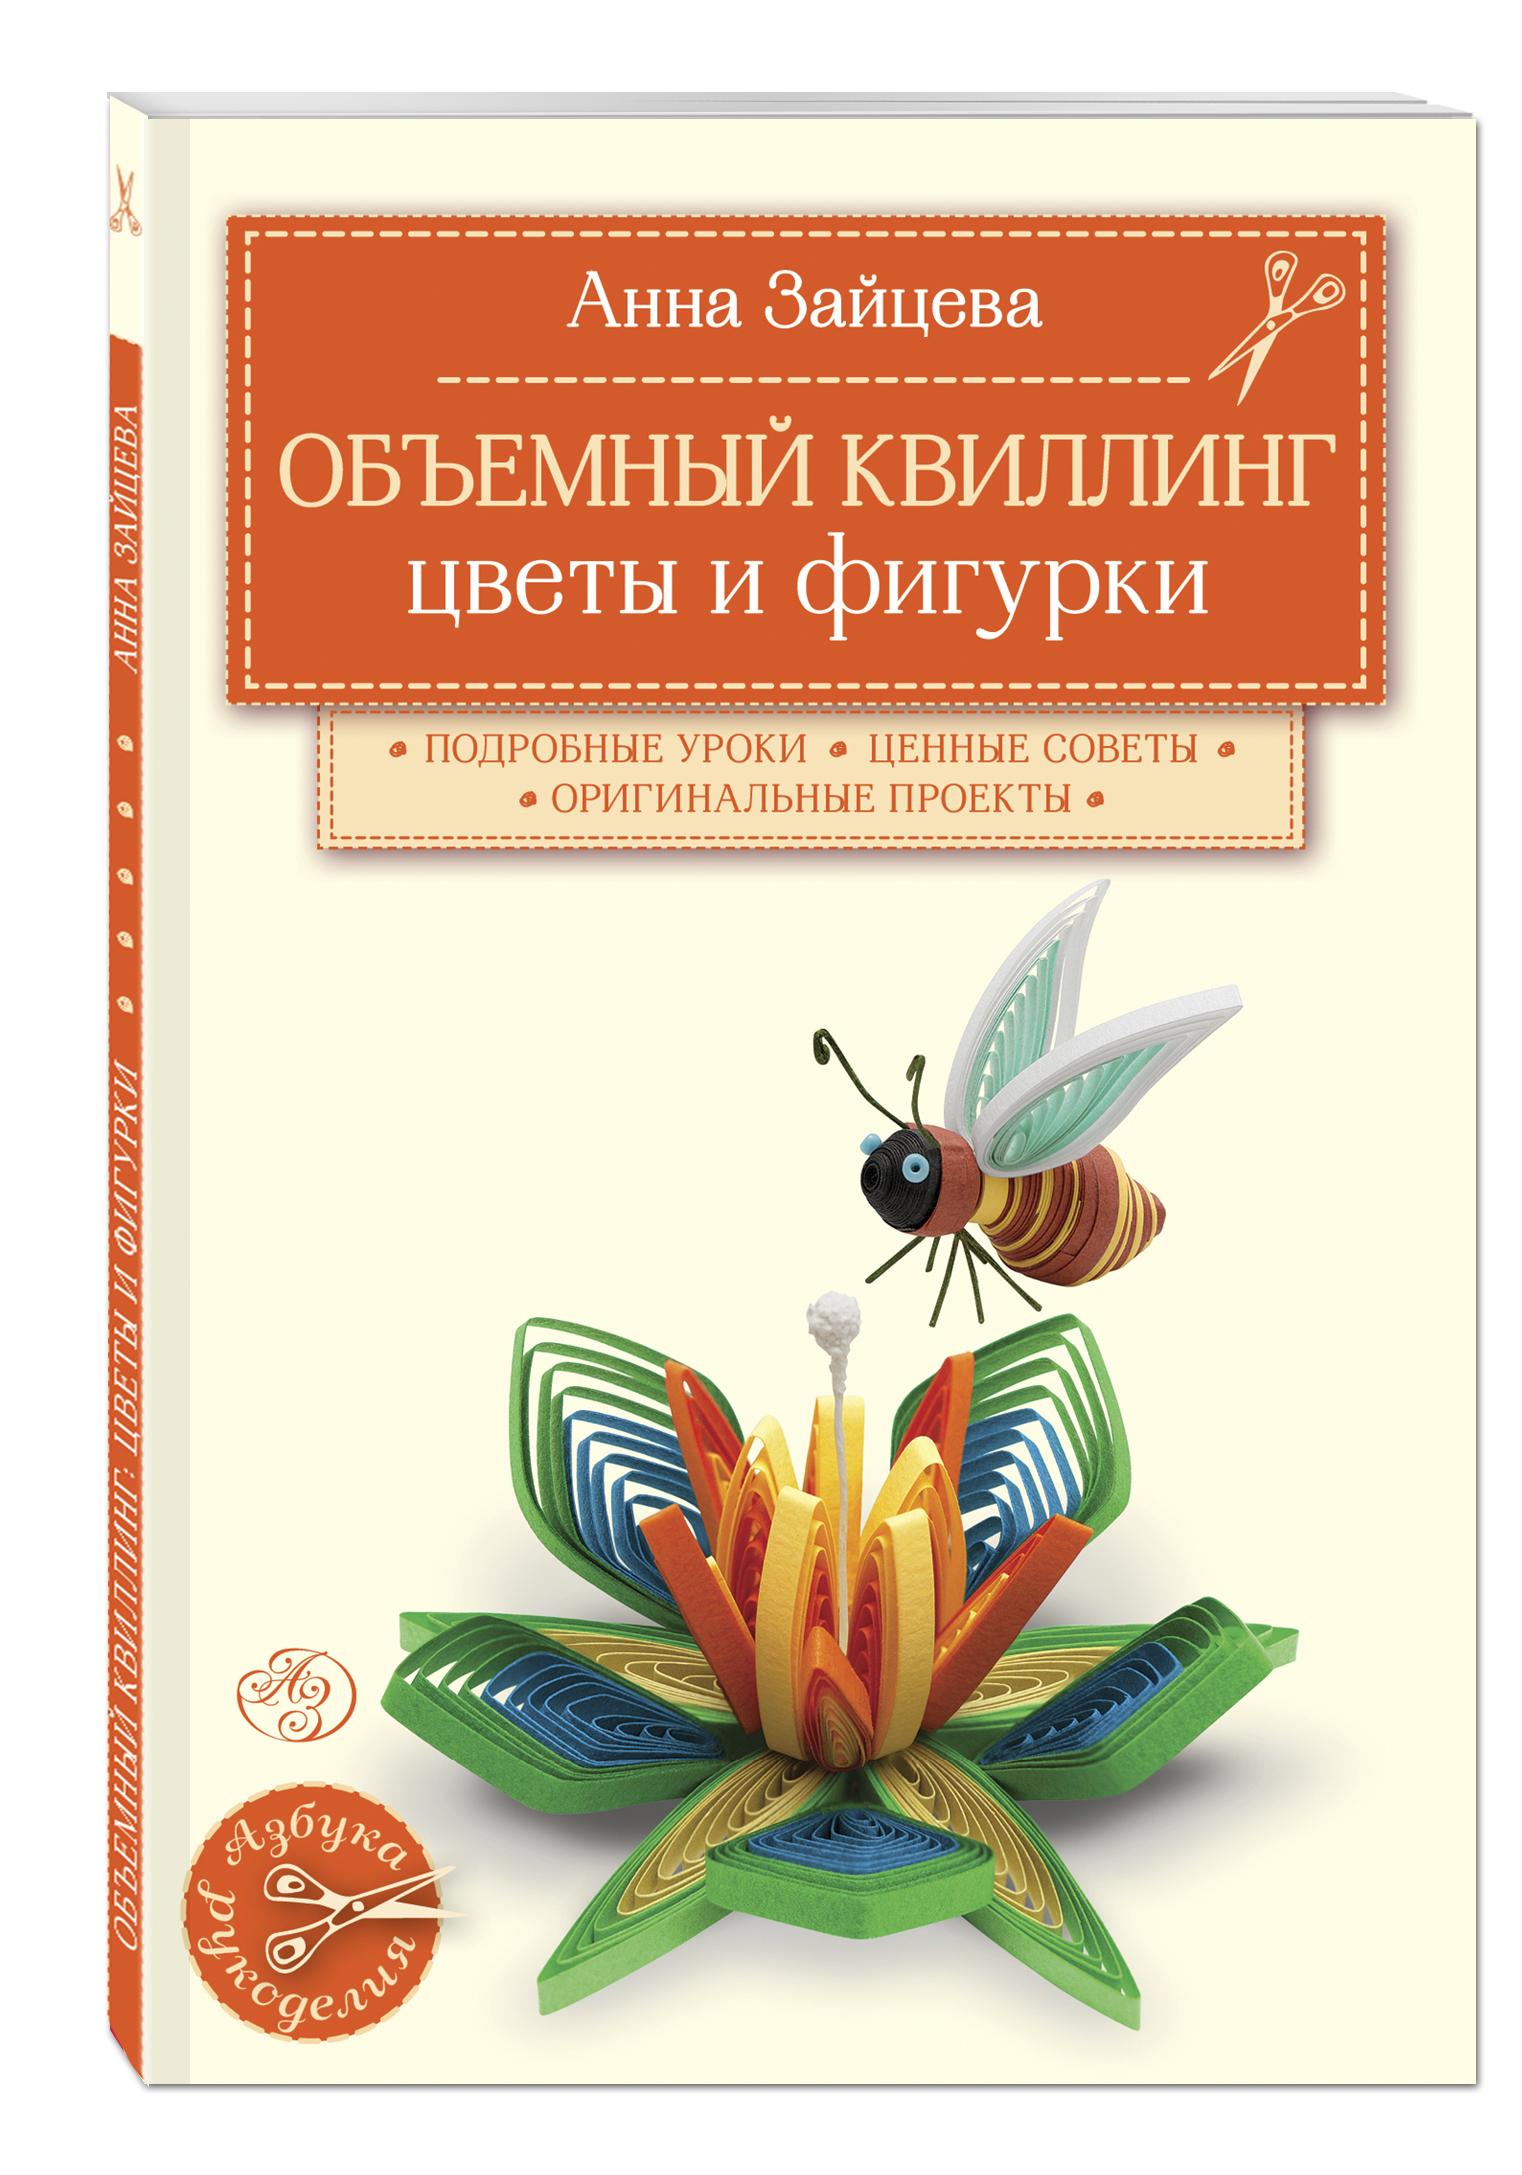 Зайцева Анна Анатольевна Объемный квиллинг. Цветы и фигурки животных